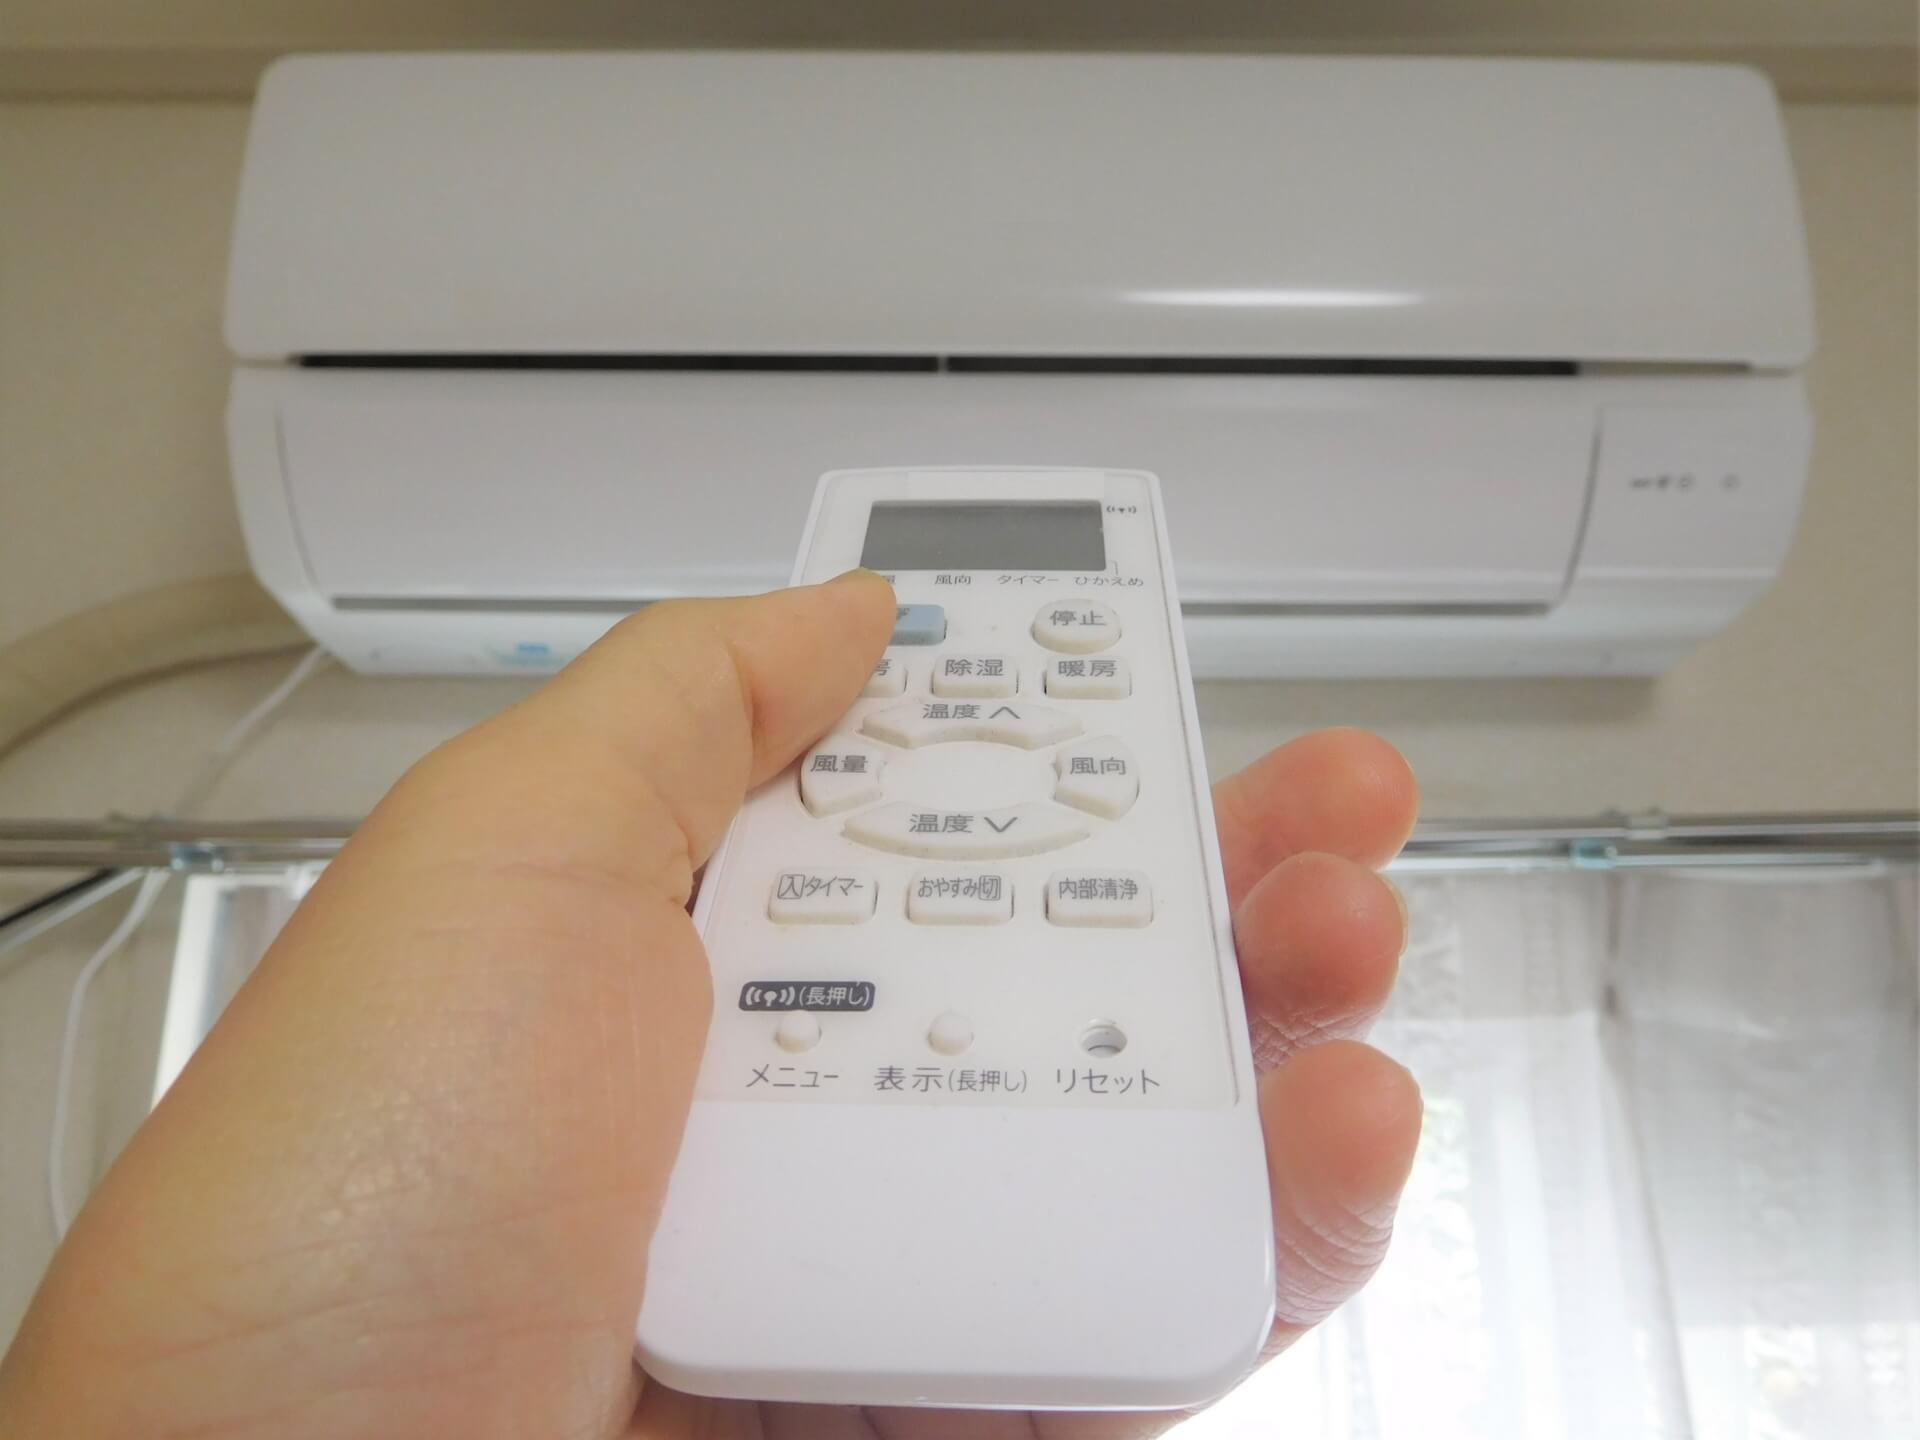 【エアコン】除湿と冷房の電気代の違い